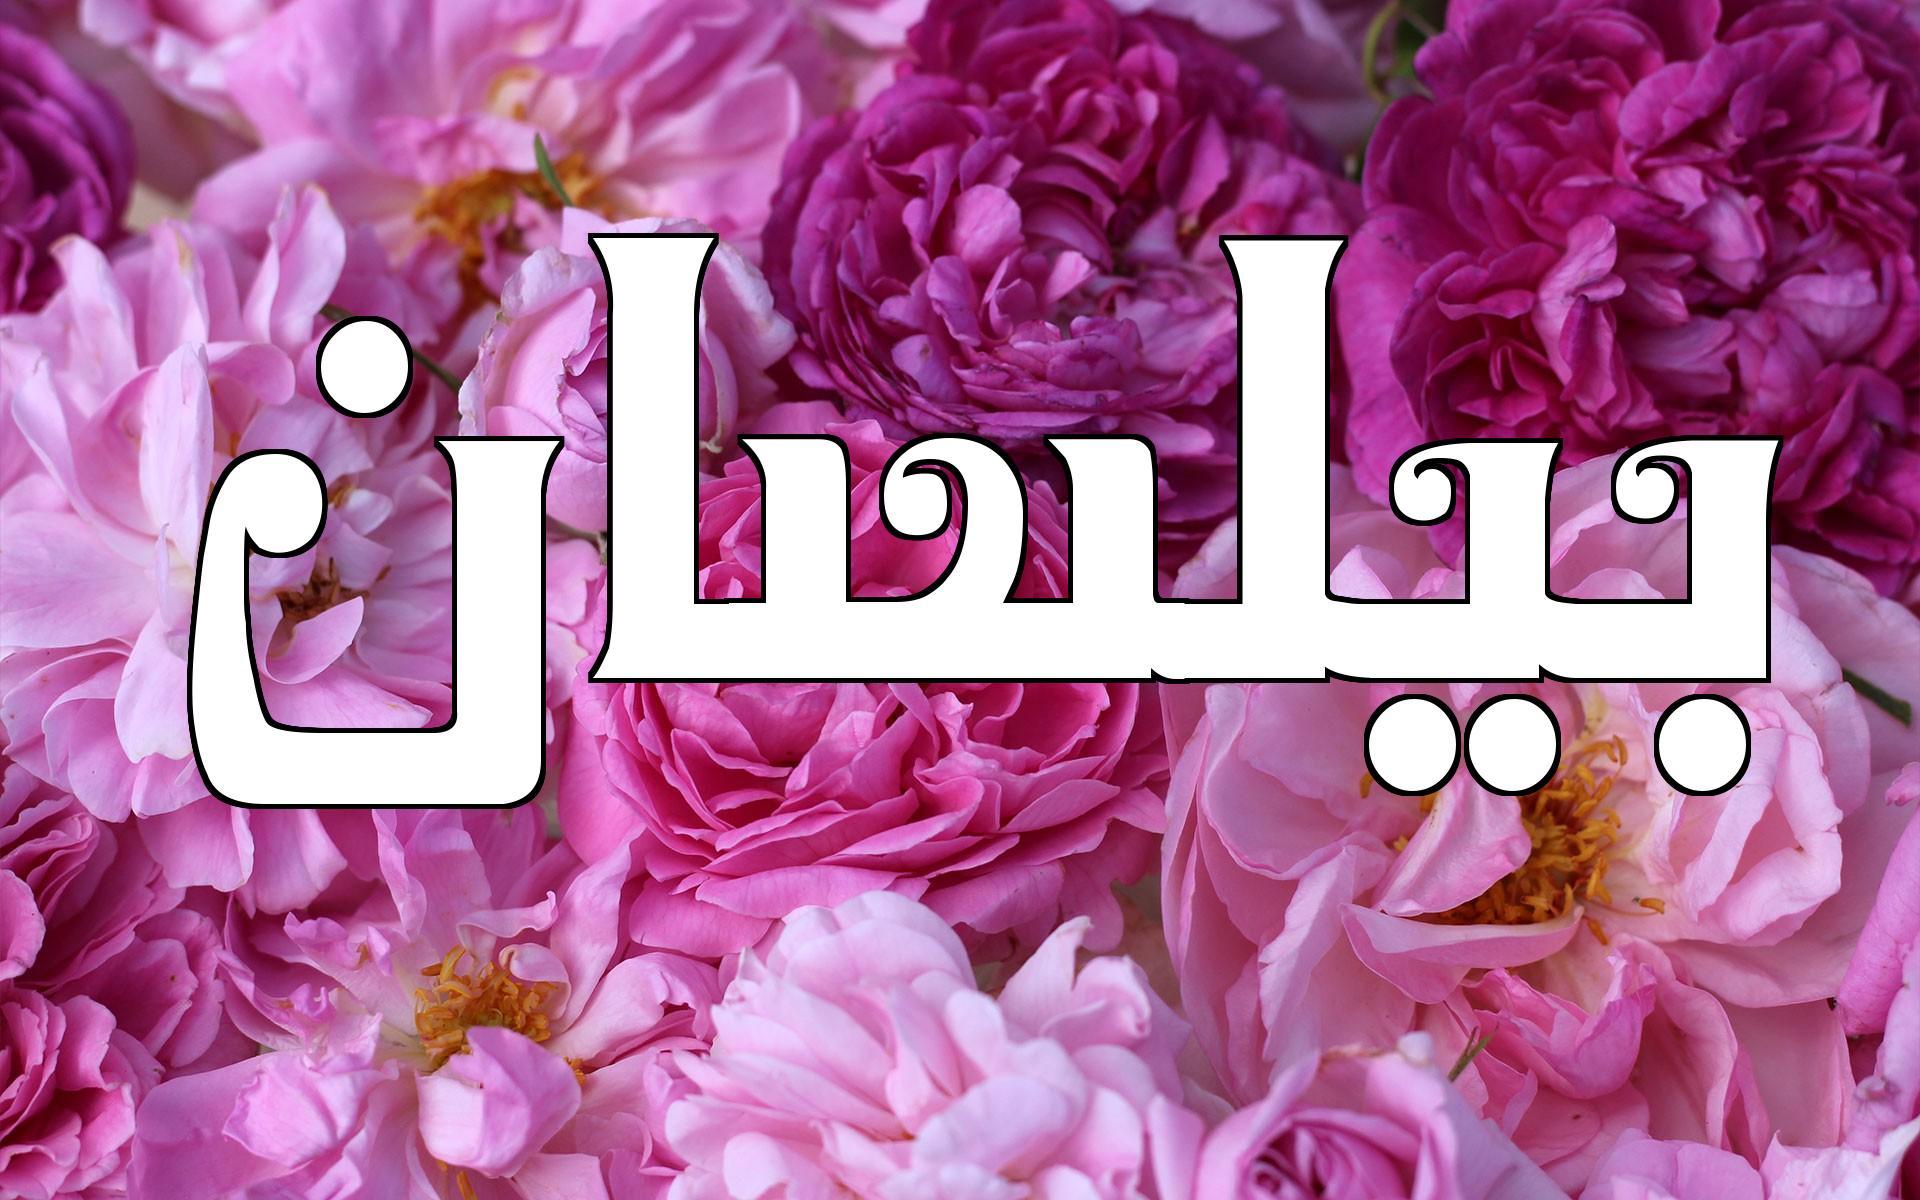 بالصور معنى اسم بيلسان , اصل اسم بيلسان في التسميه unnamed file 264